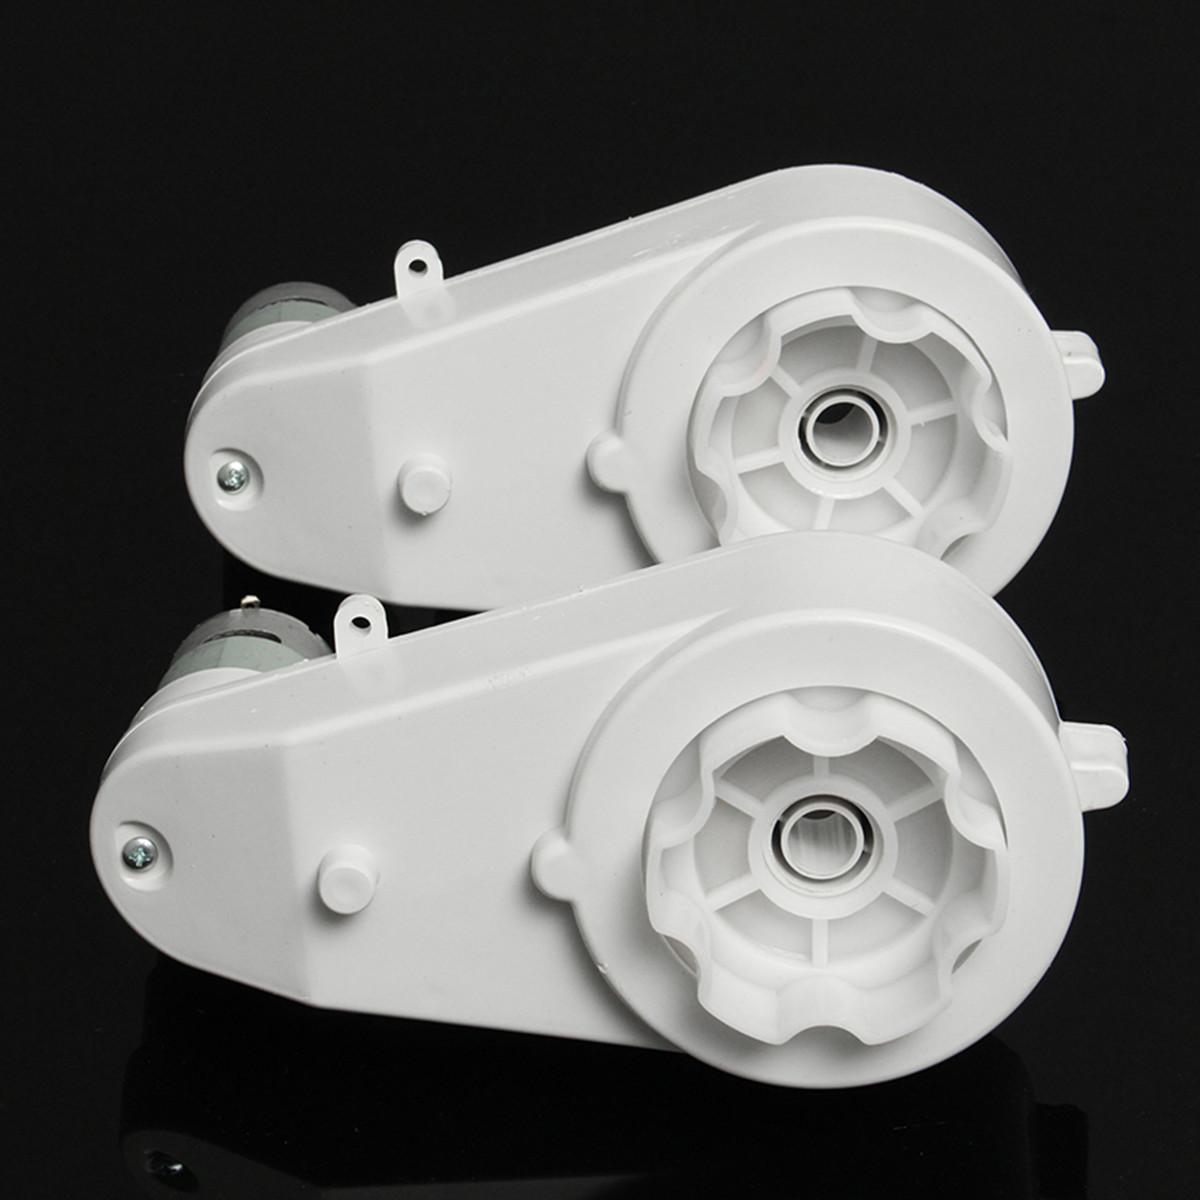 ... 2 Pcs Motor Perlengkapan-Kotak 12 V 23000 Rpm untuk Anak-anak Listrik Sepeda ...